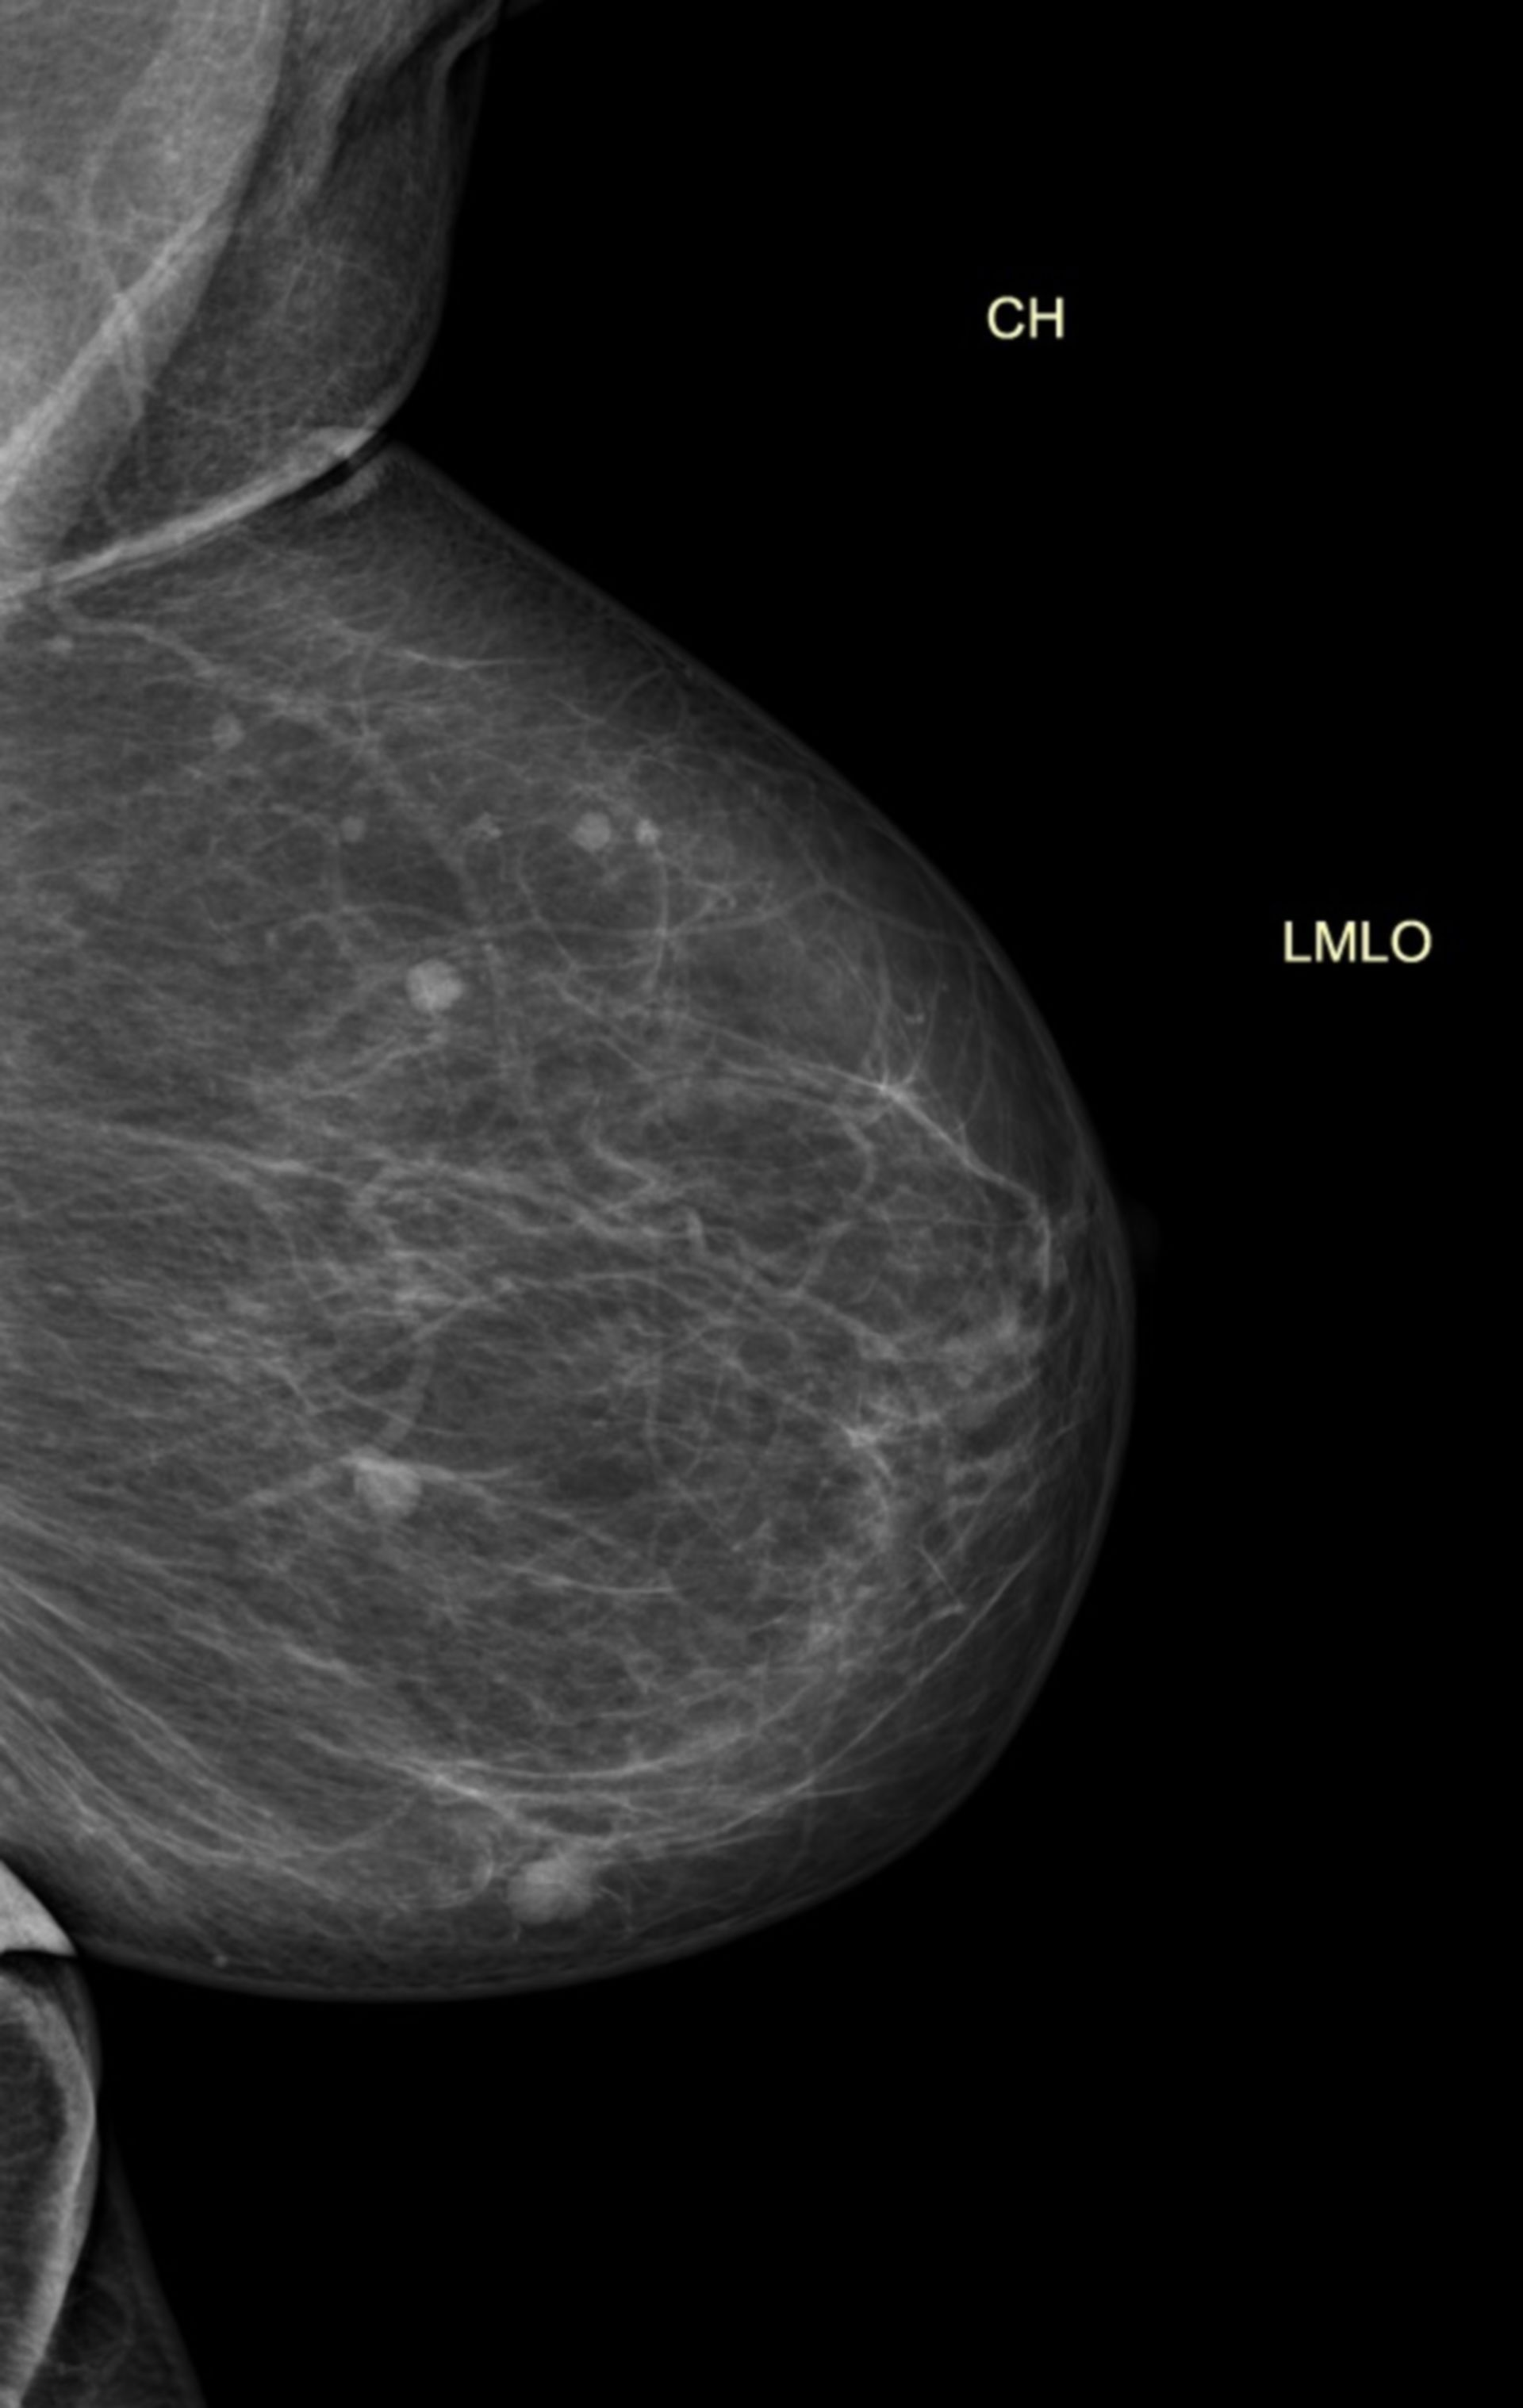 tag2_mammo_li: Mammographiebefund einer linken Brust